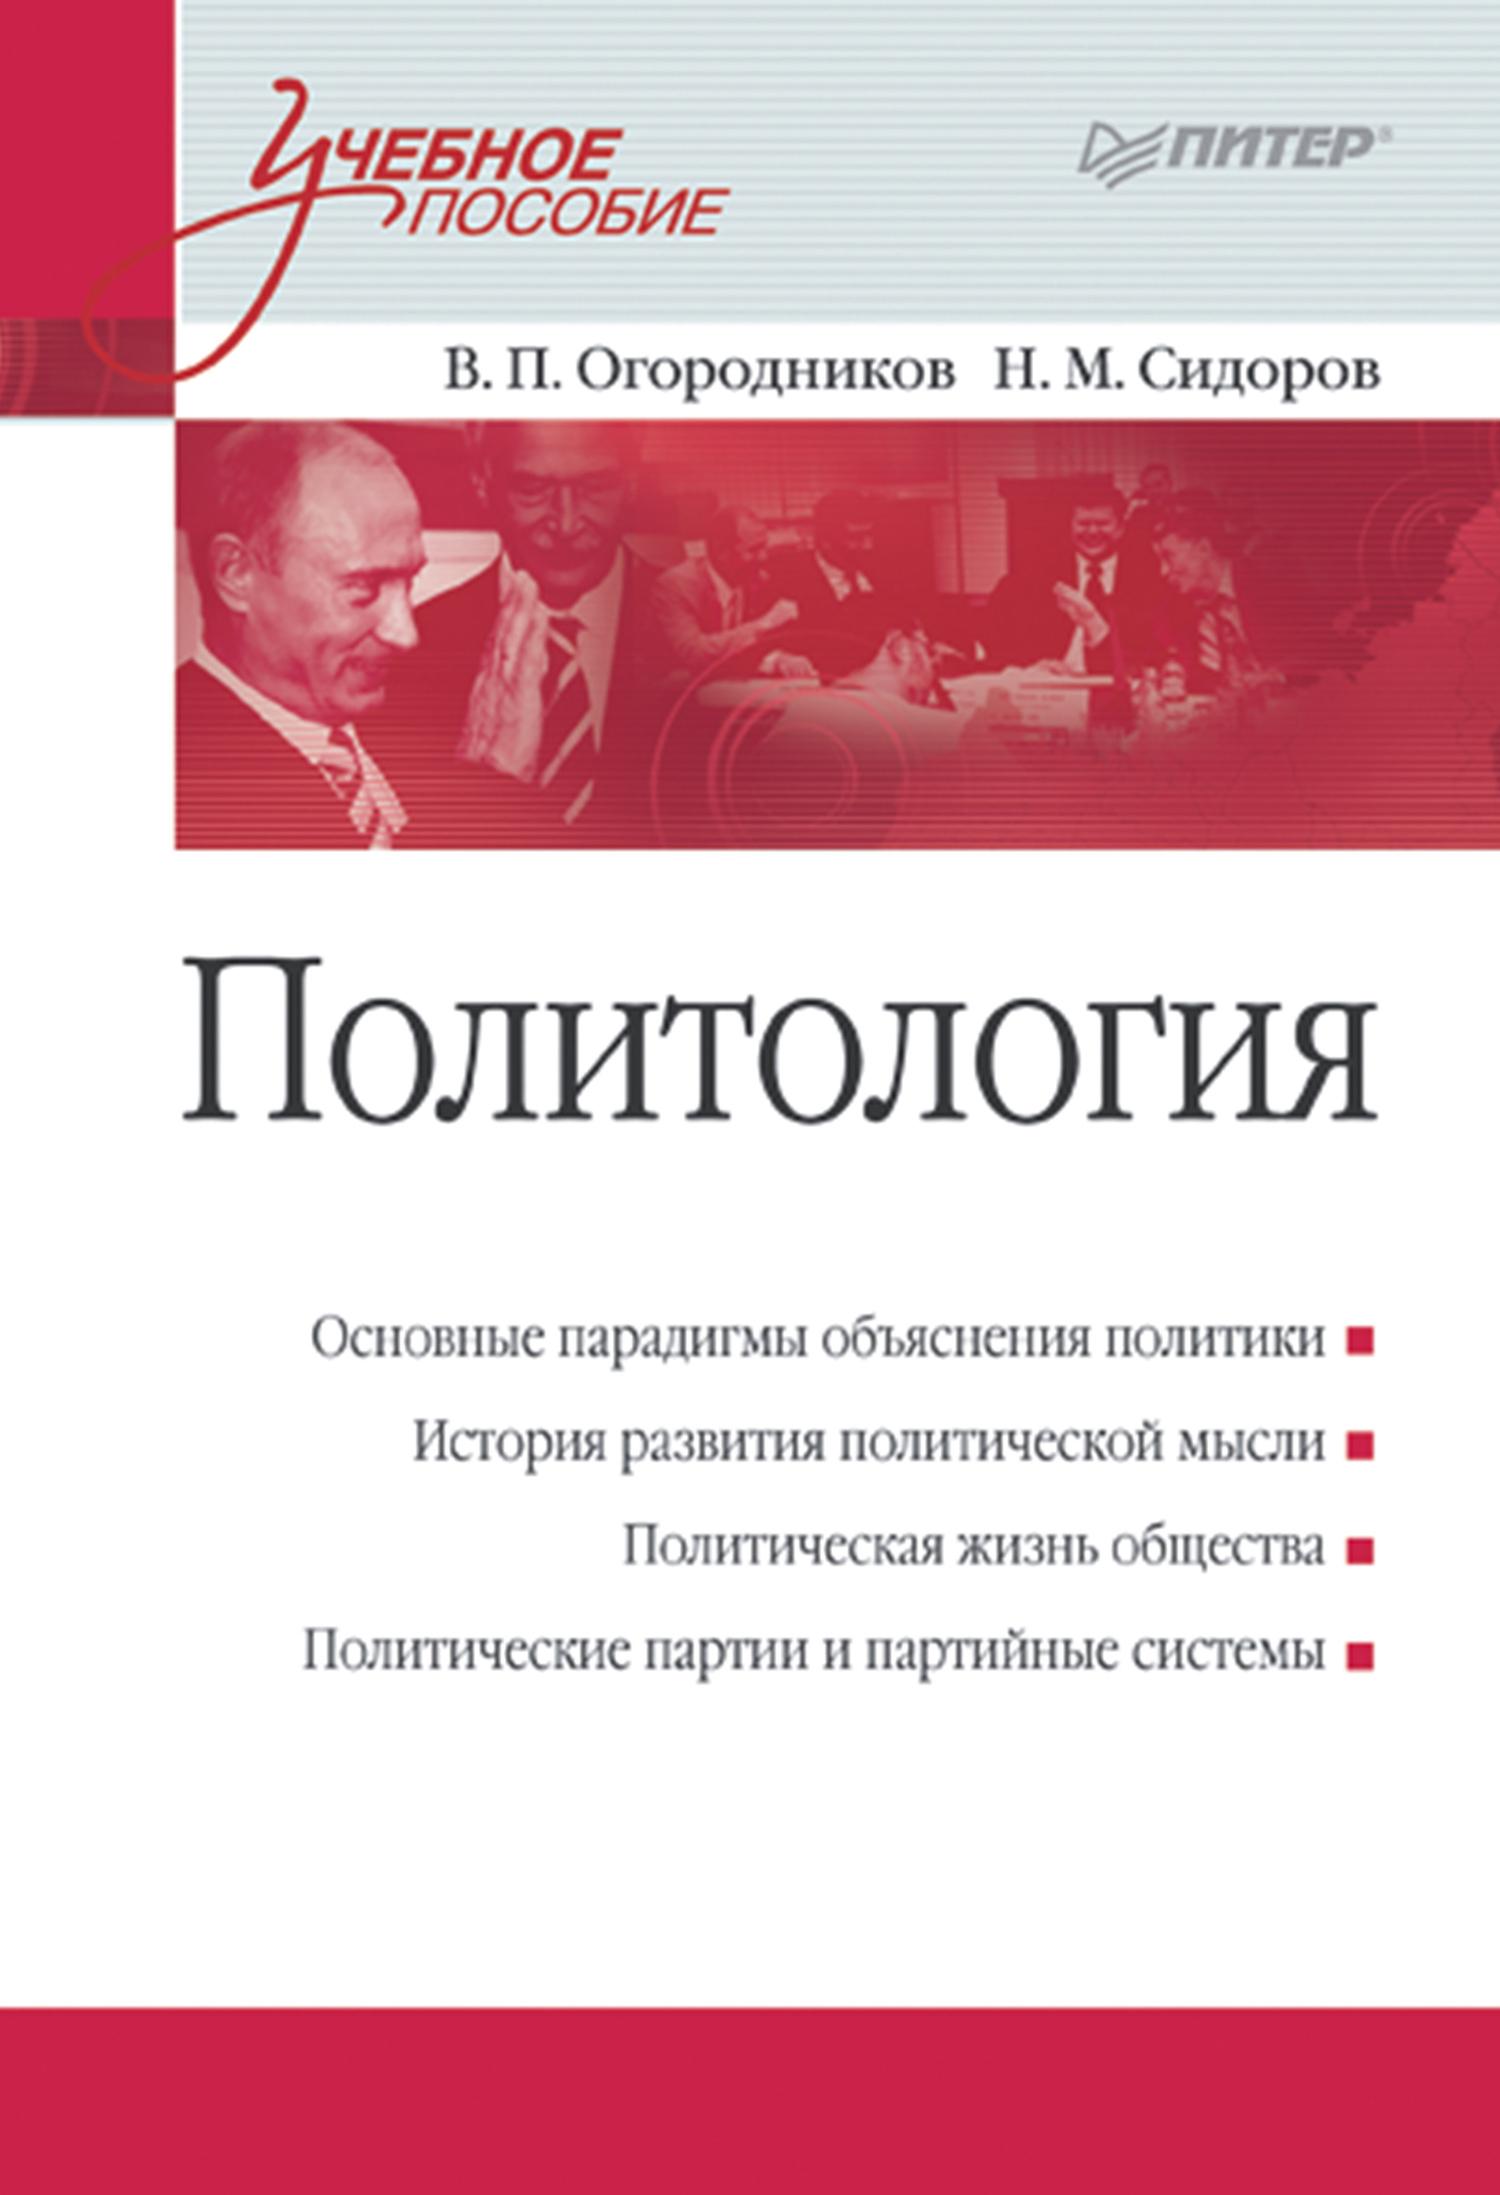 В. П. Огородников Политология. Учебное пособие